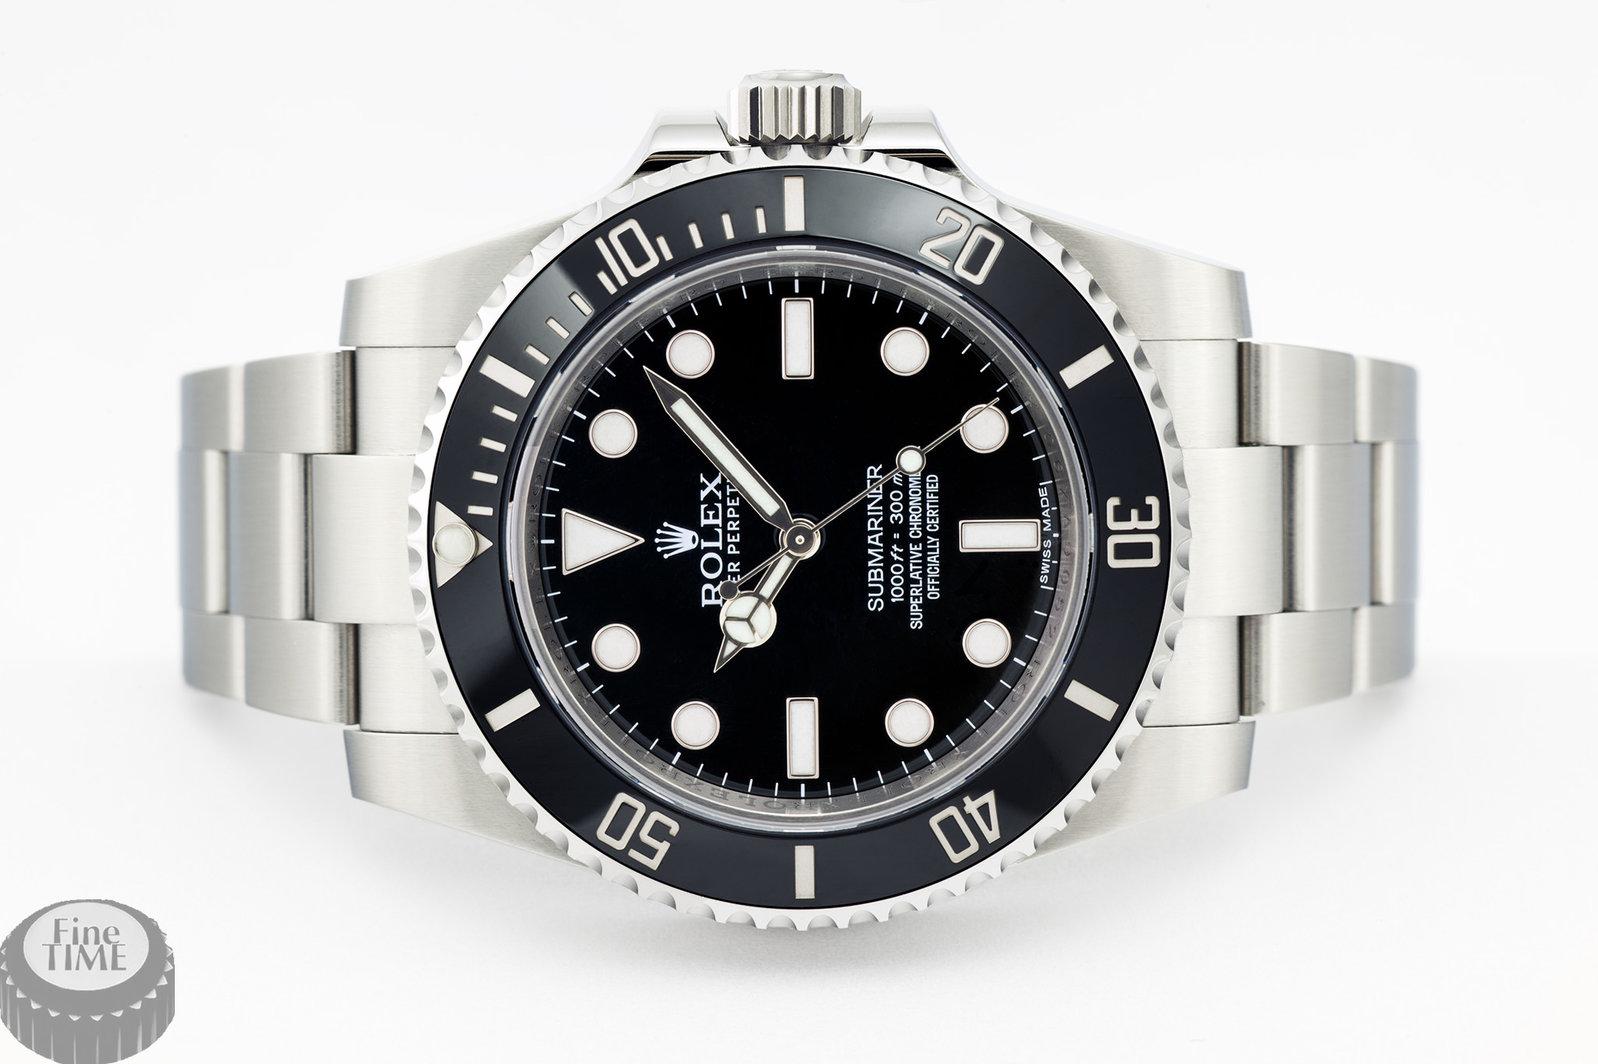 rolex-submariner-114060-ln-01.jpg